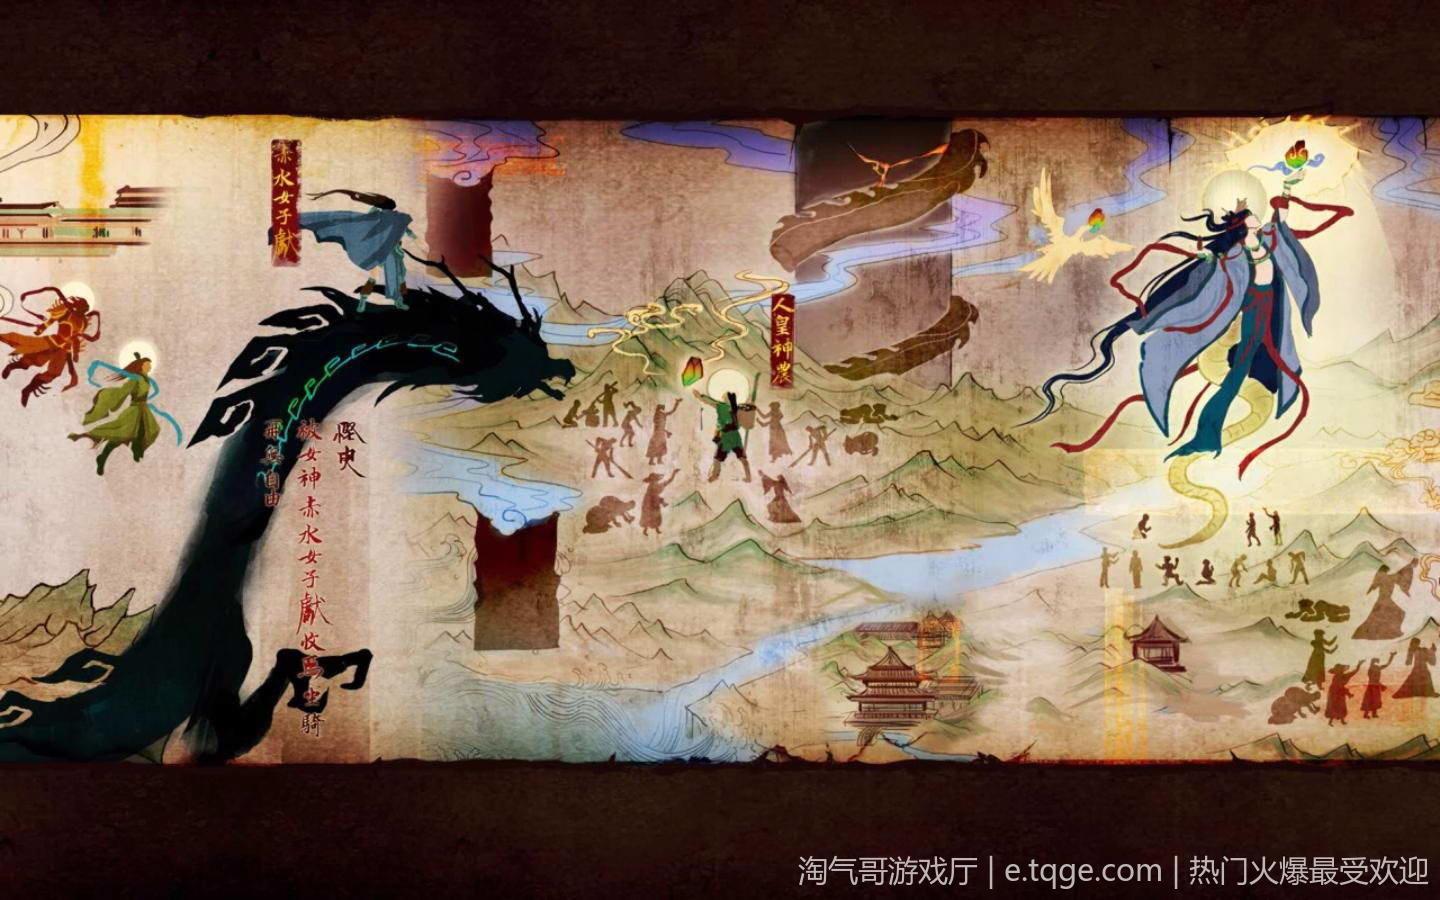 古剑奇谭/古剑奇谭:琴心剑魄今何在 热门游戏 第1张